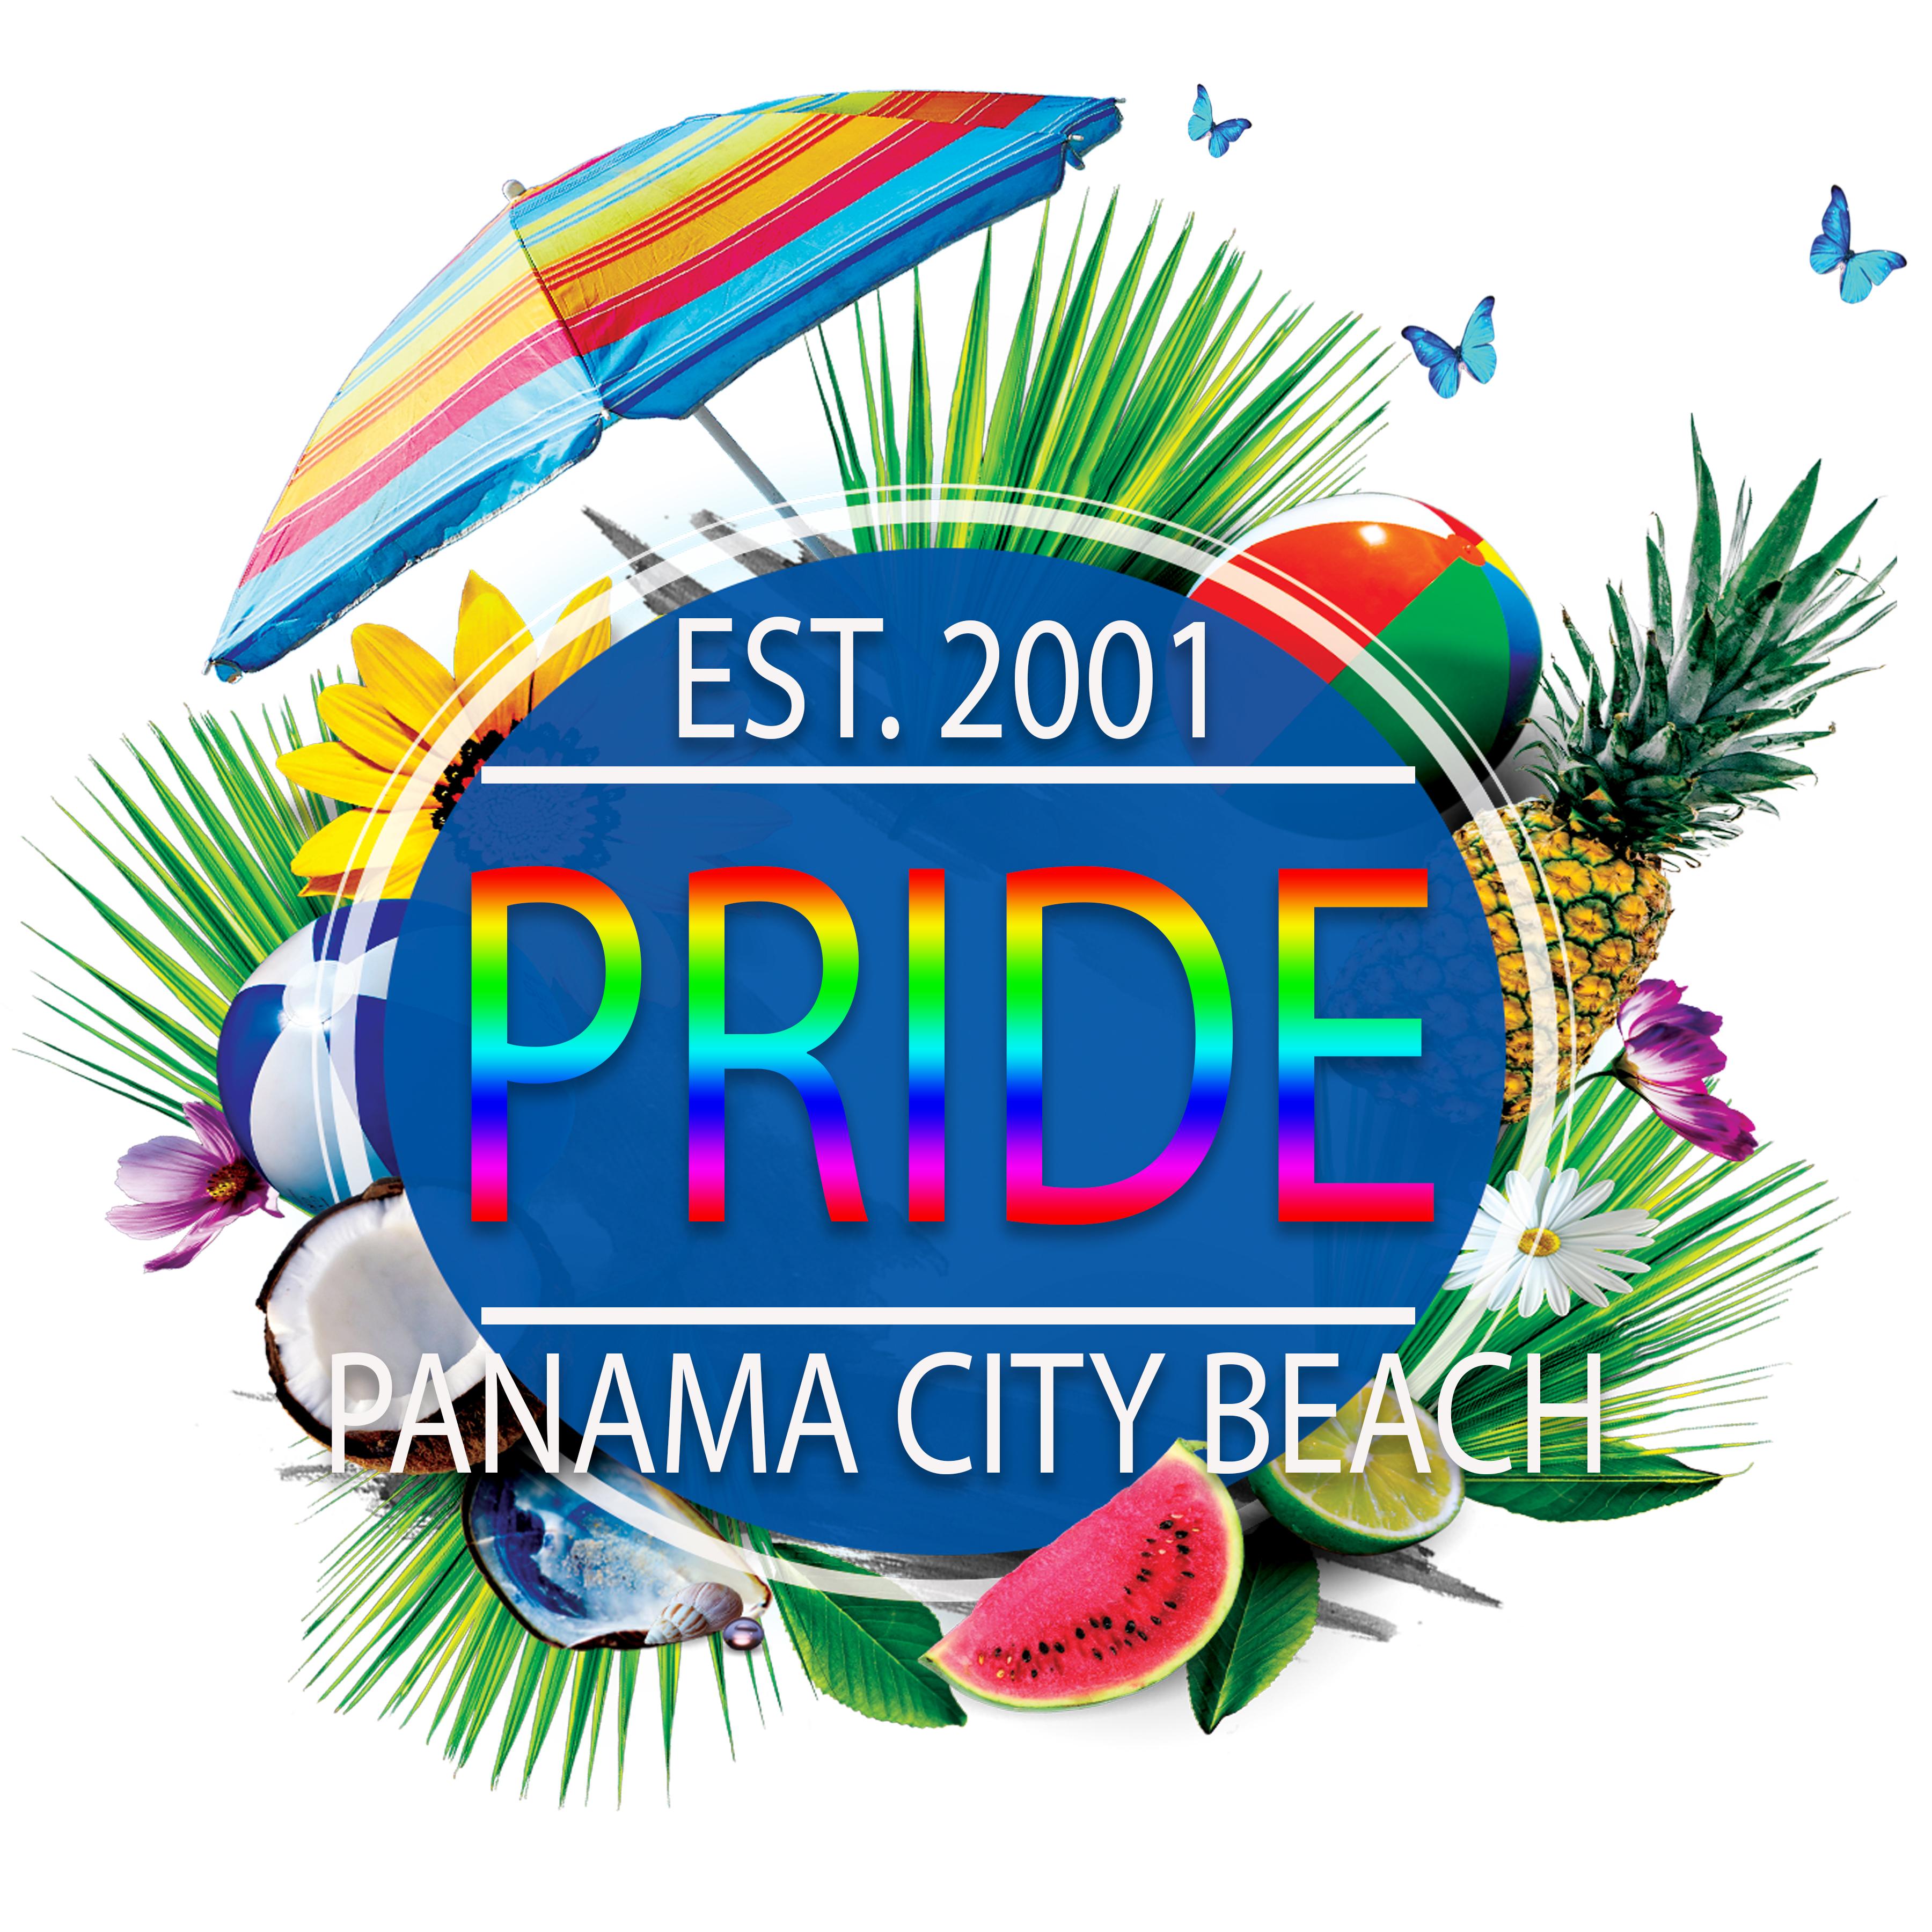 pridefrnt